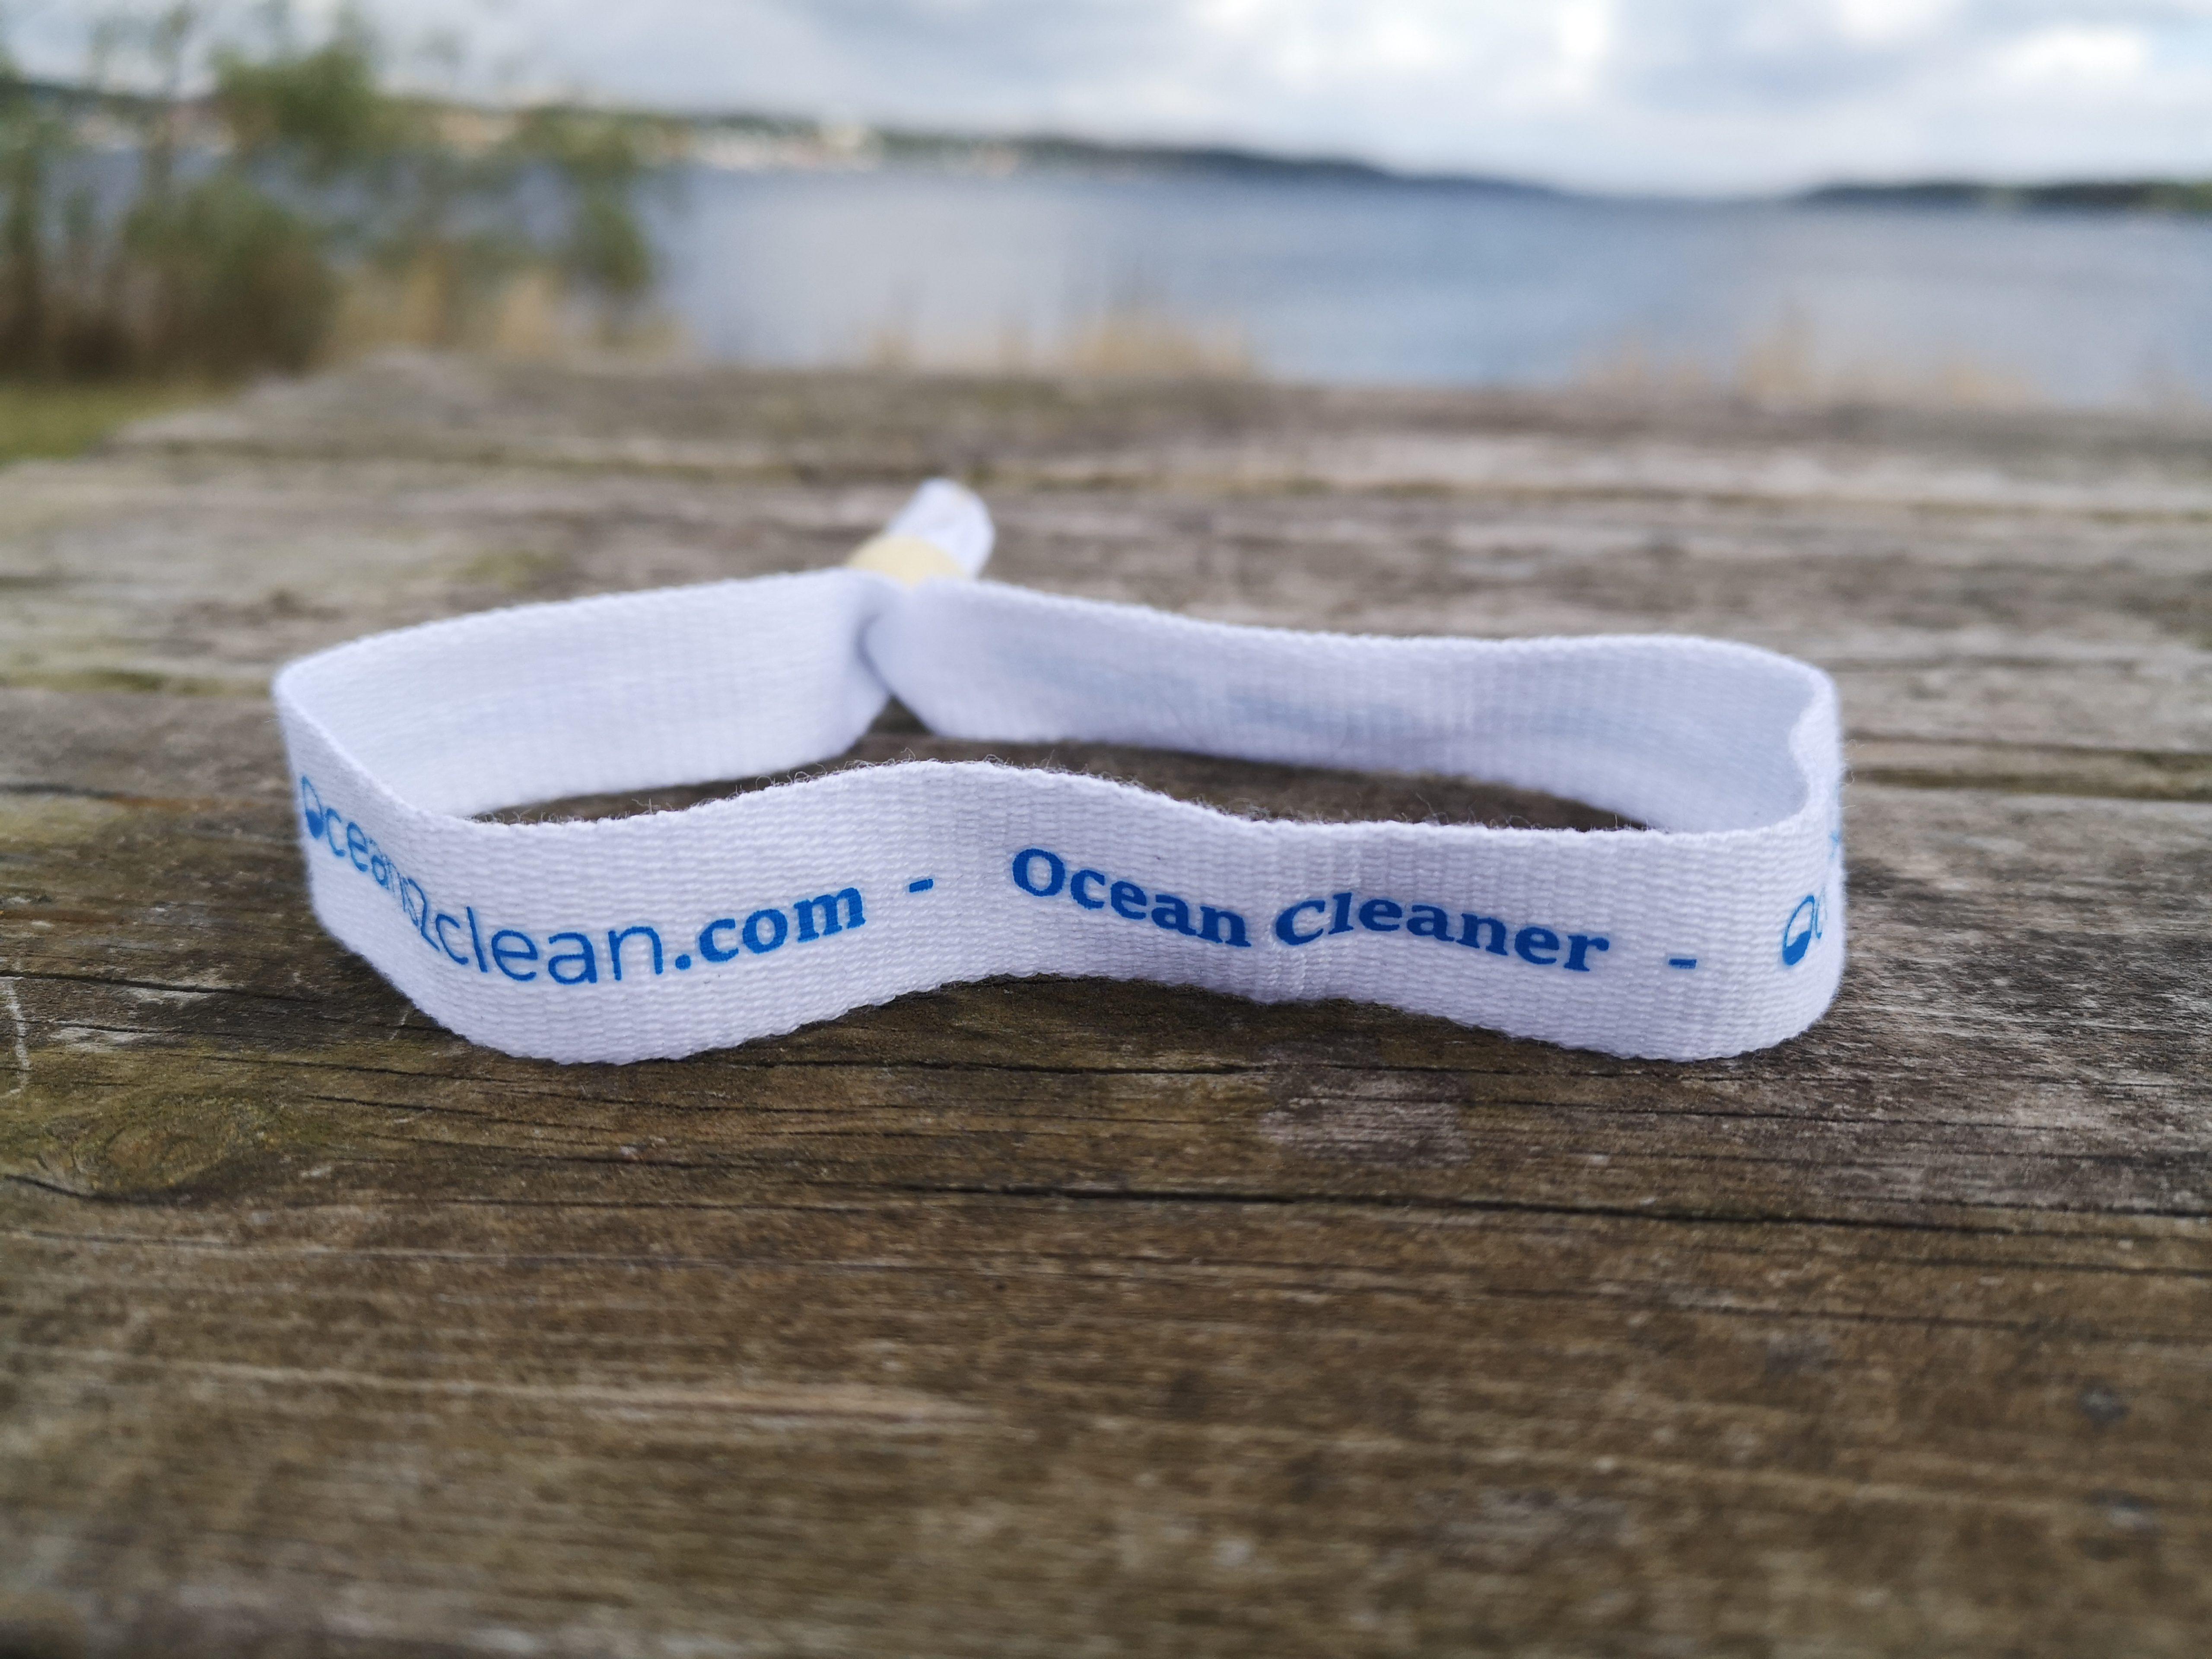 Oceans2clean Ocean Cleaner